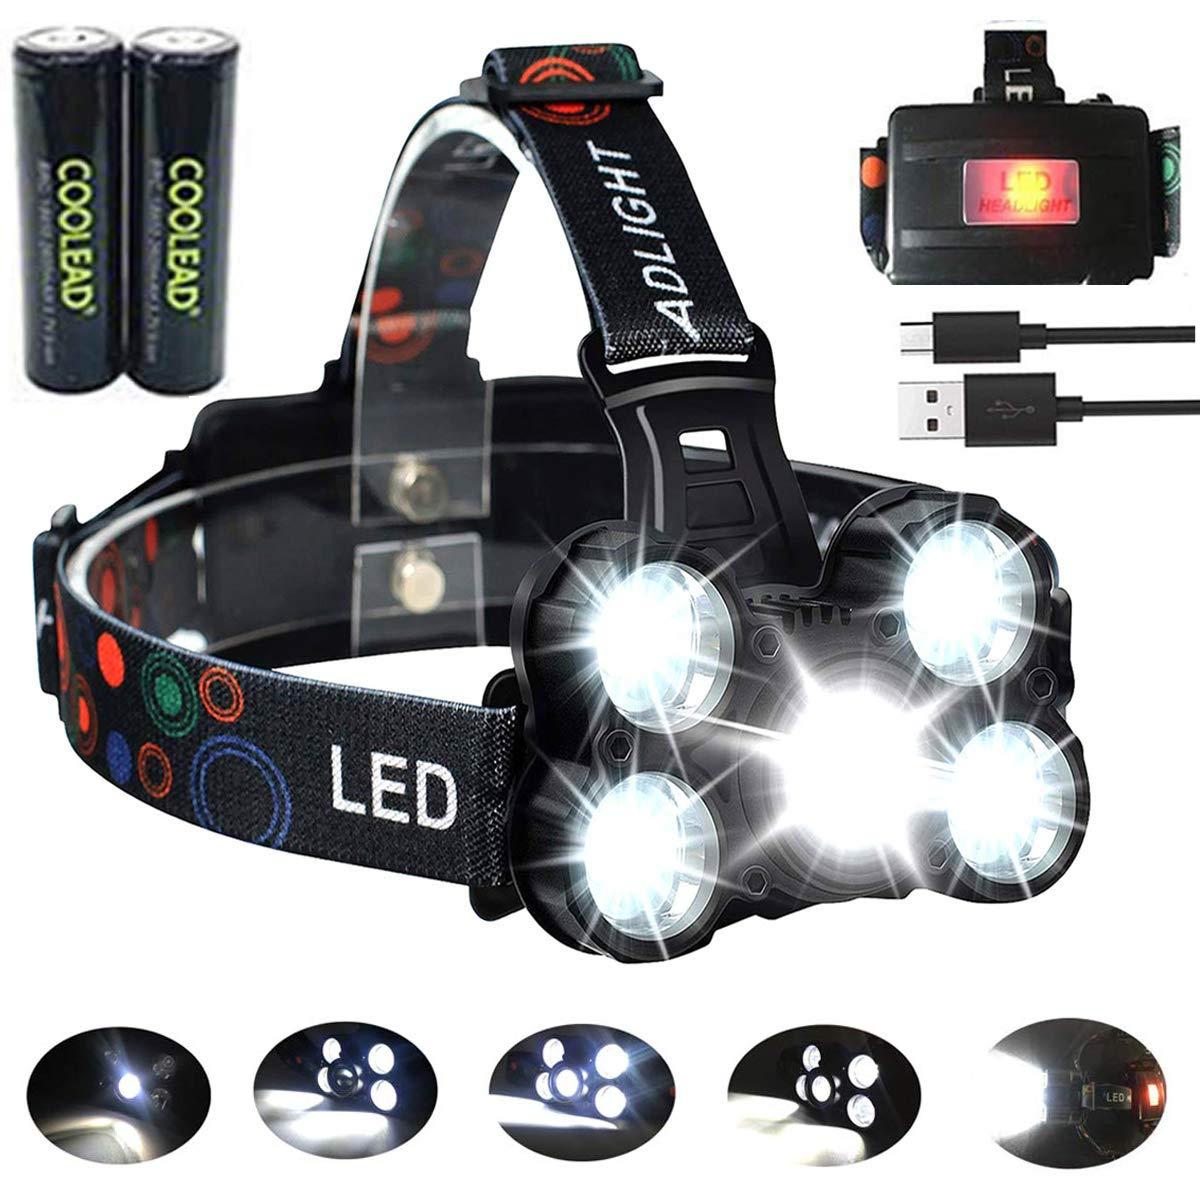 Linterna frontal LED Recargable de Trabajo, 8000 Lúmenes, 4 Modos de Luz con Flash, Zoom in/out, Ligera Elástica, Impermeable para Ciclismo, Correr, Deportes Nocturnos…